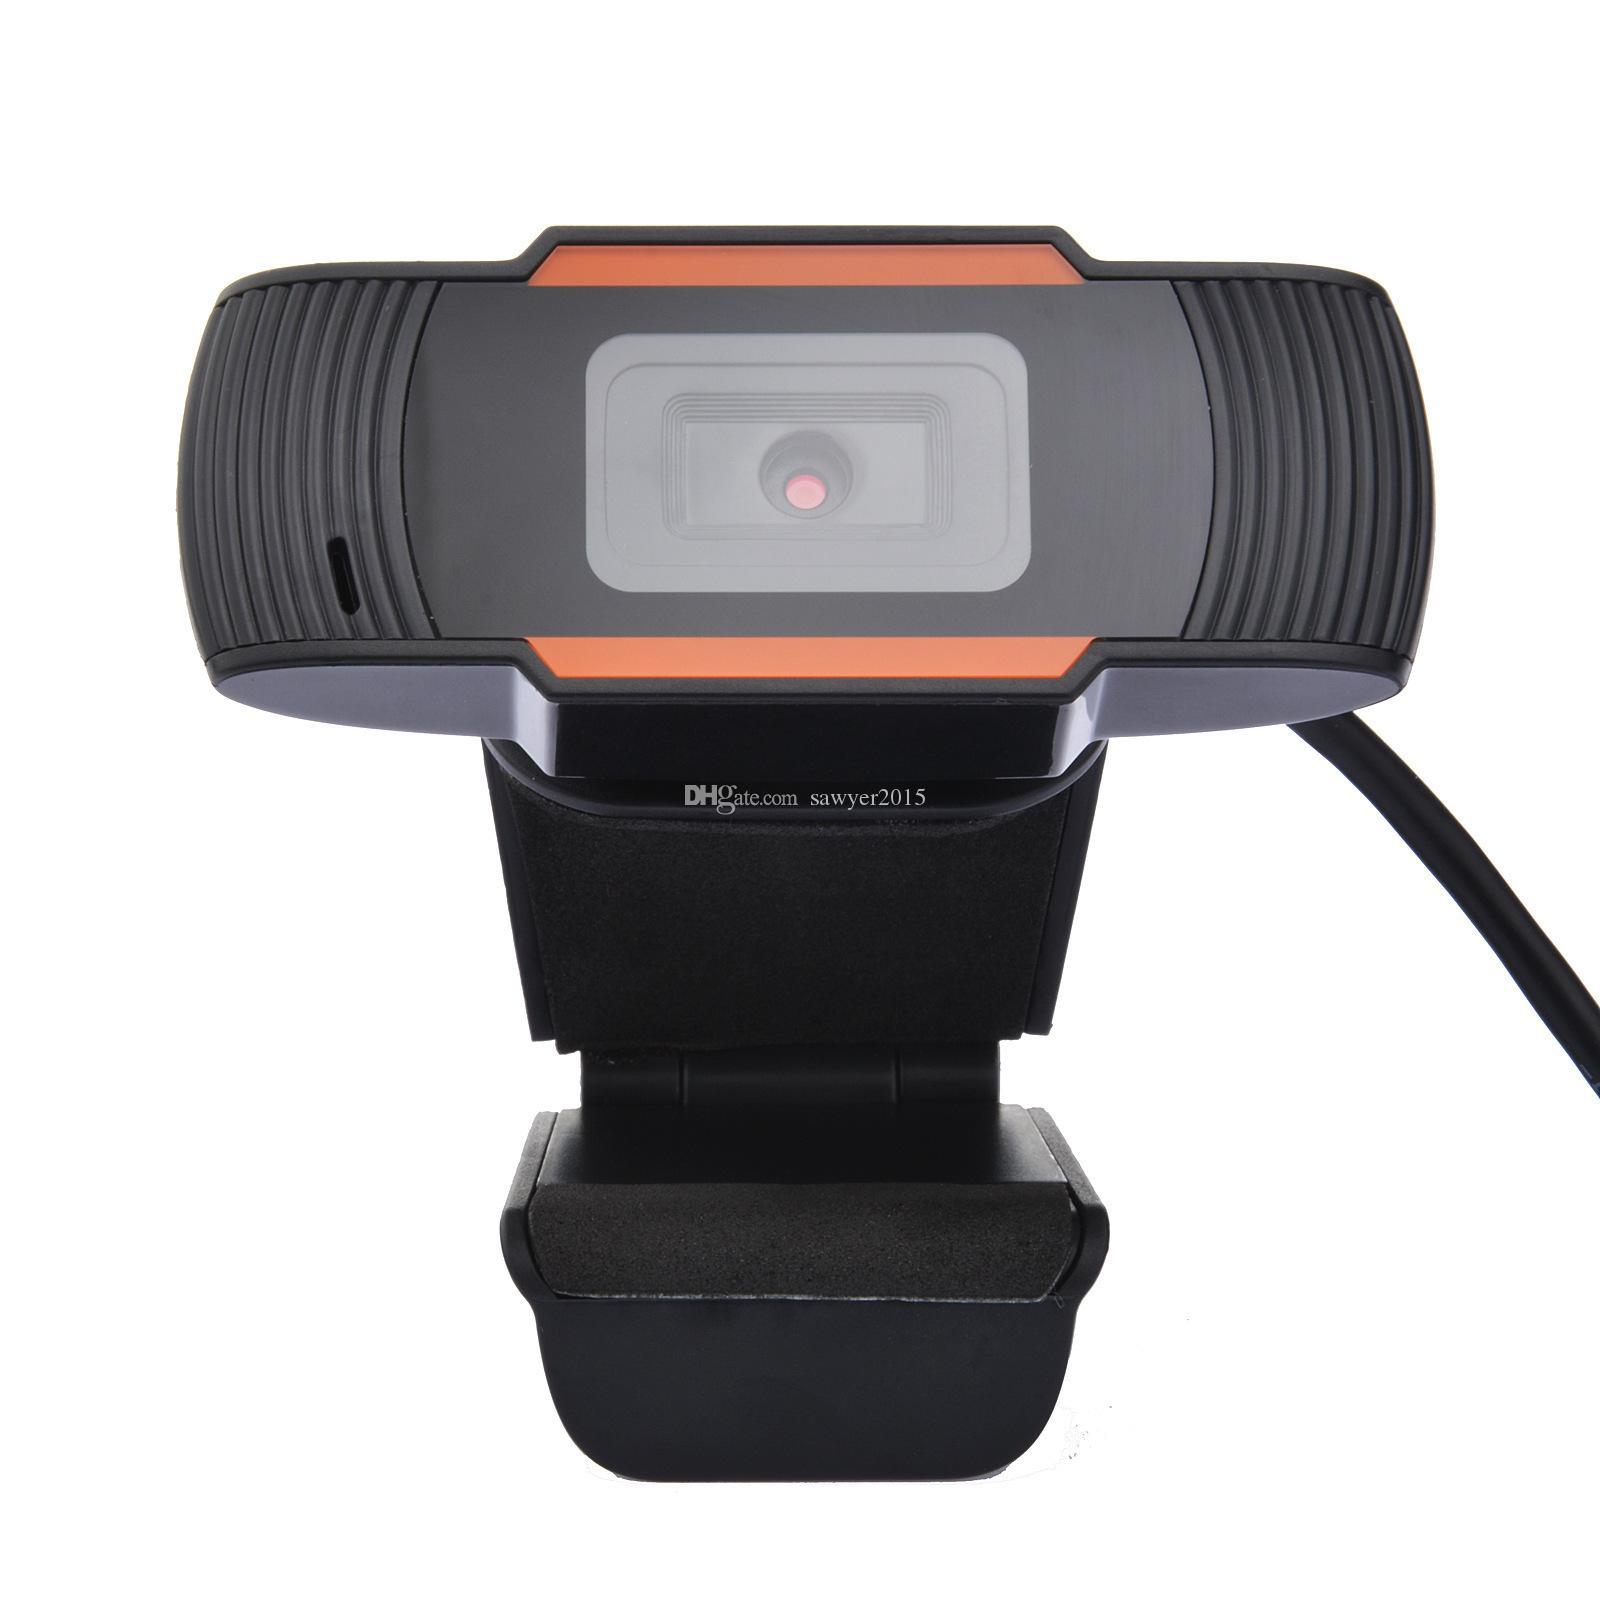 HD 720P USB Webcam Mini Компьютер компьютер PC WebCamera 30 градусов Rotatable USB-камера для живой вещательной видеоконференции